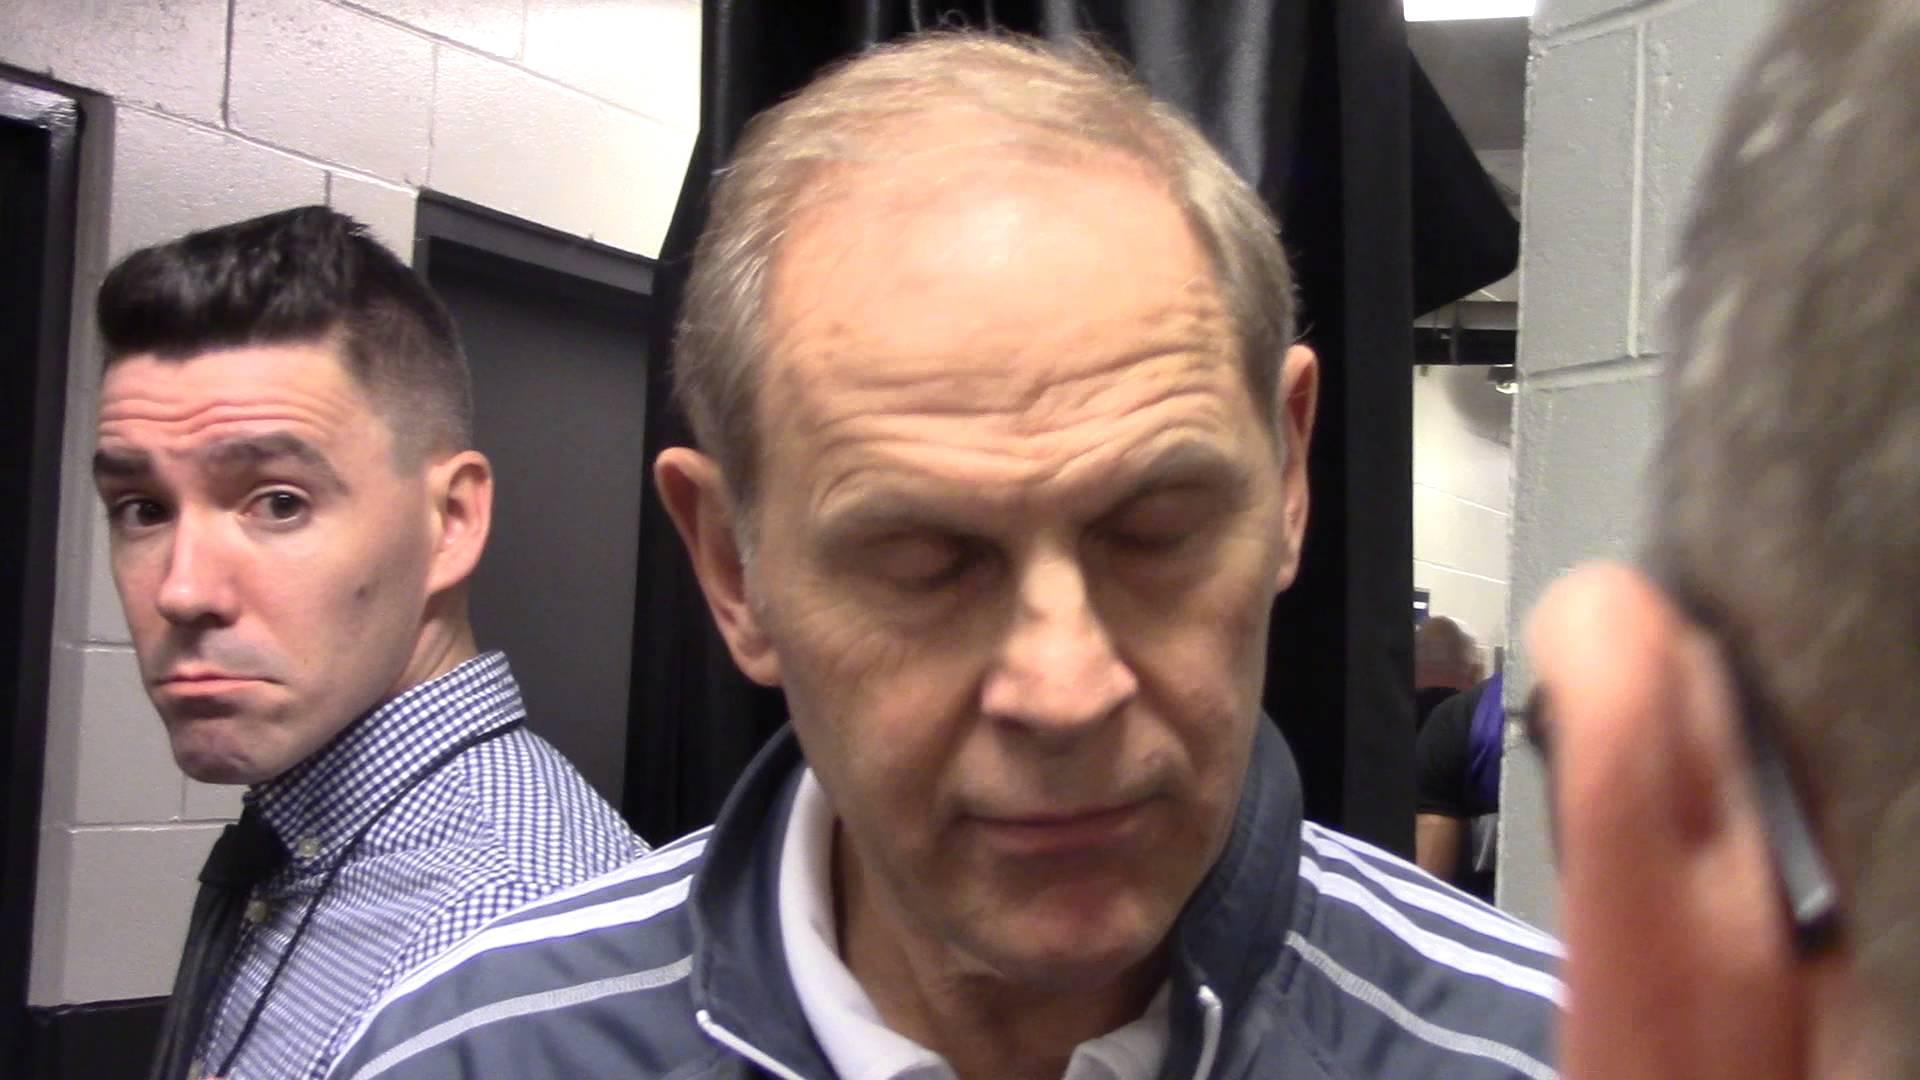 John-Beilein-recaps-wins-over-Tulsa-previews-Notre-Dame